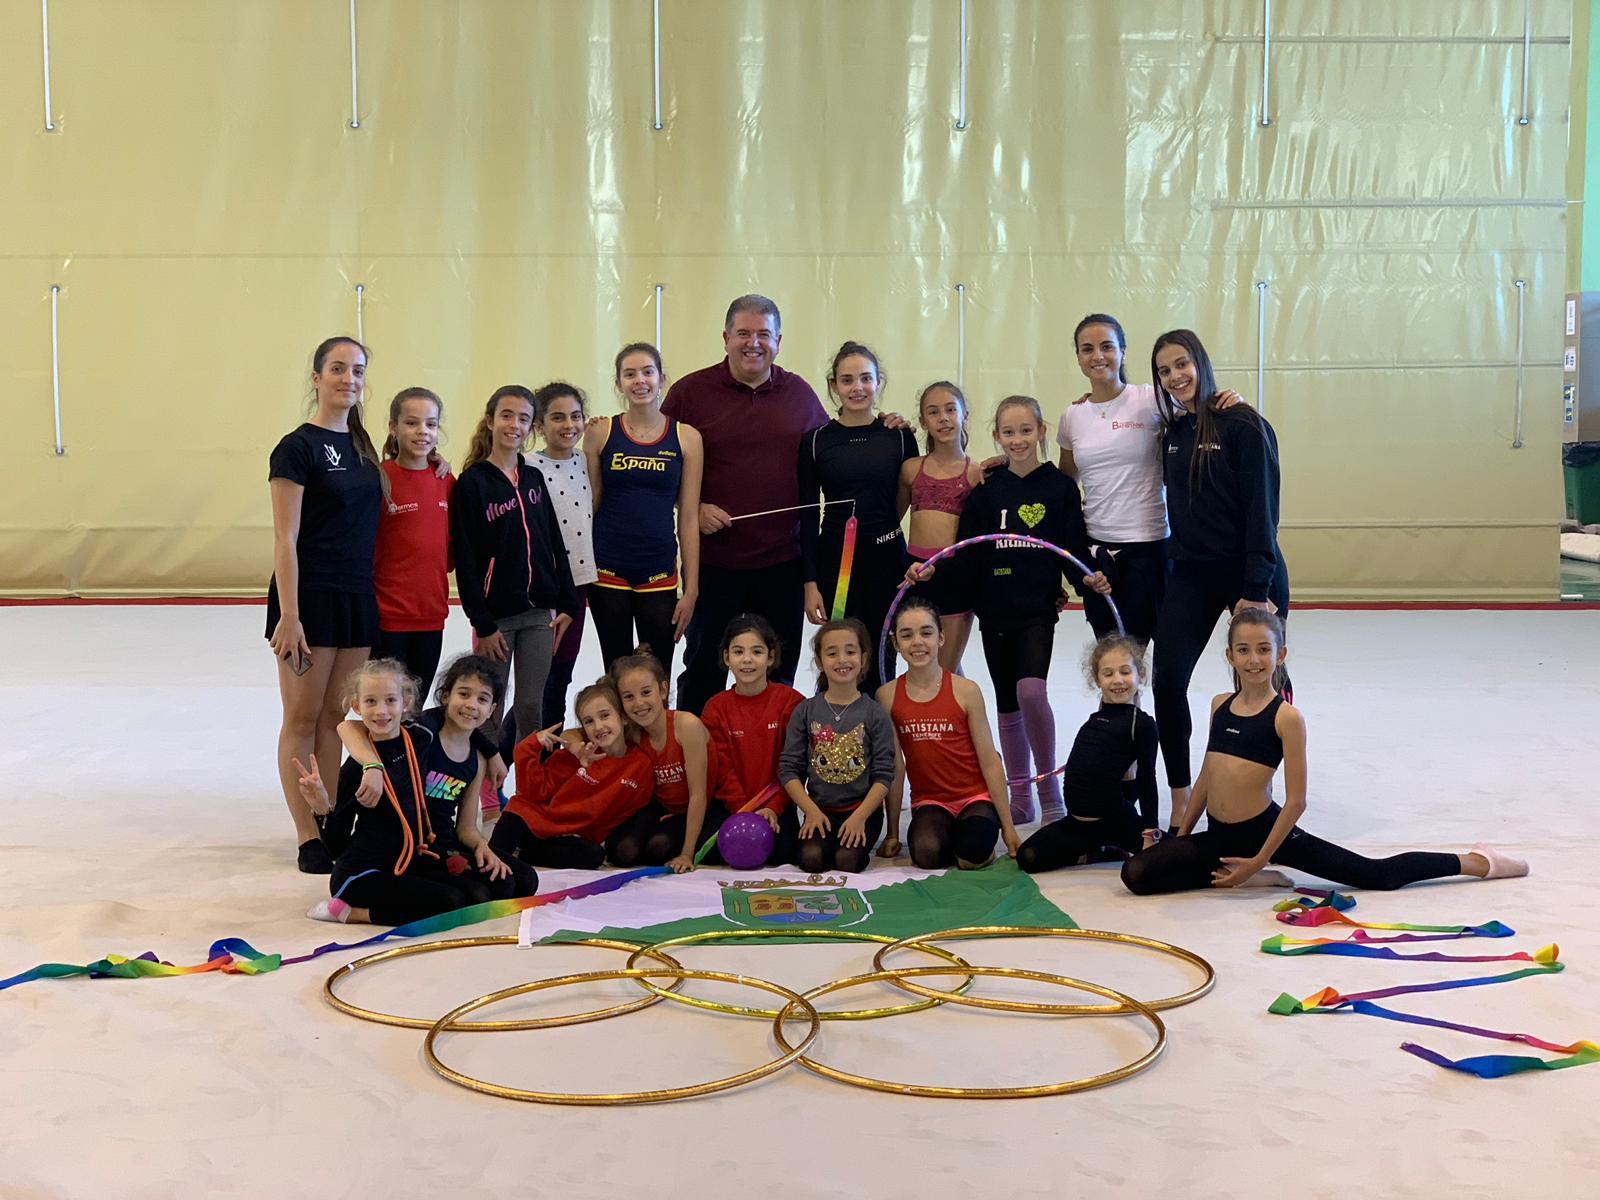 Nuevo tapiz gimnasia rítmica (2)